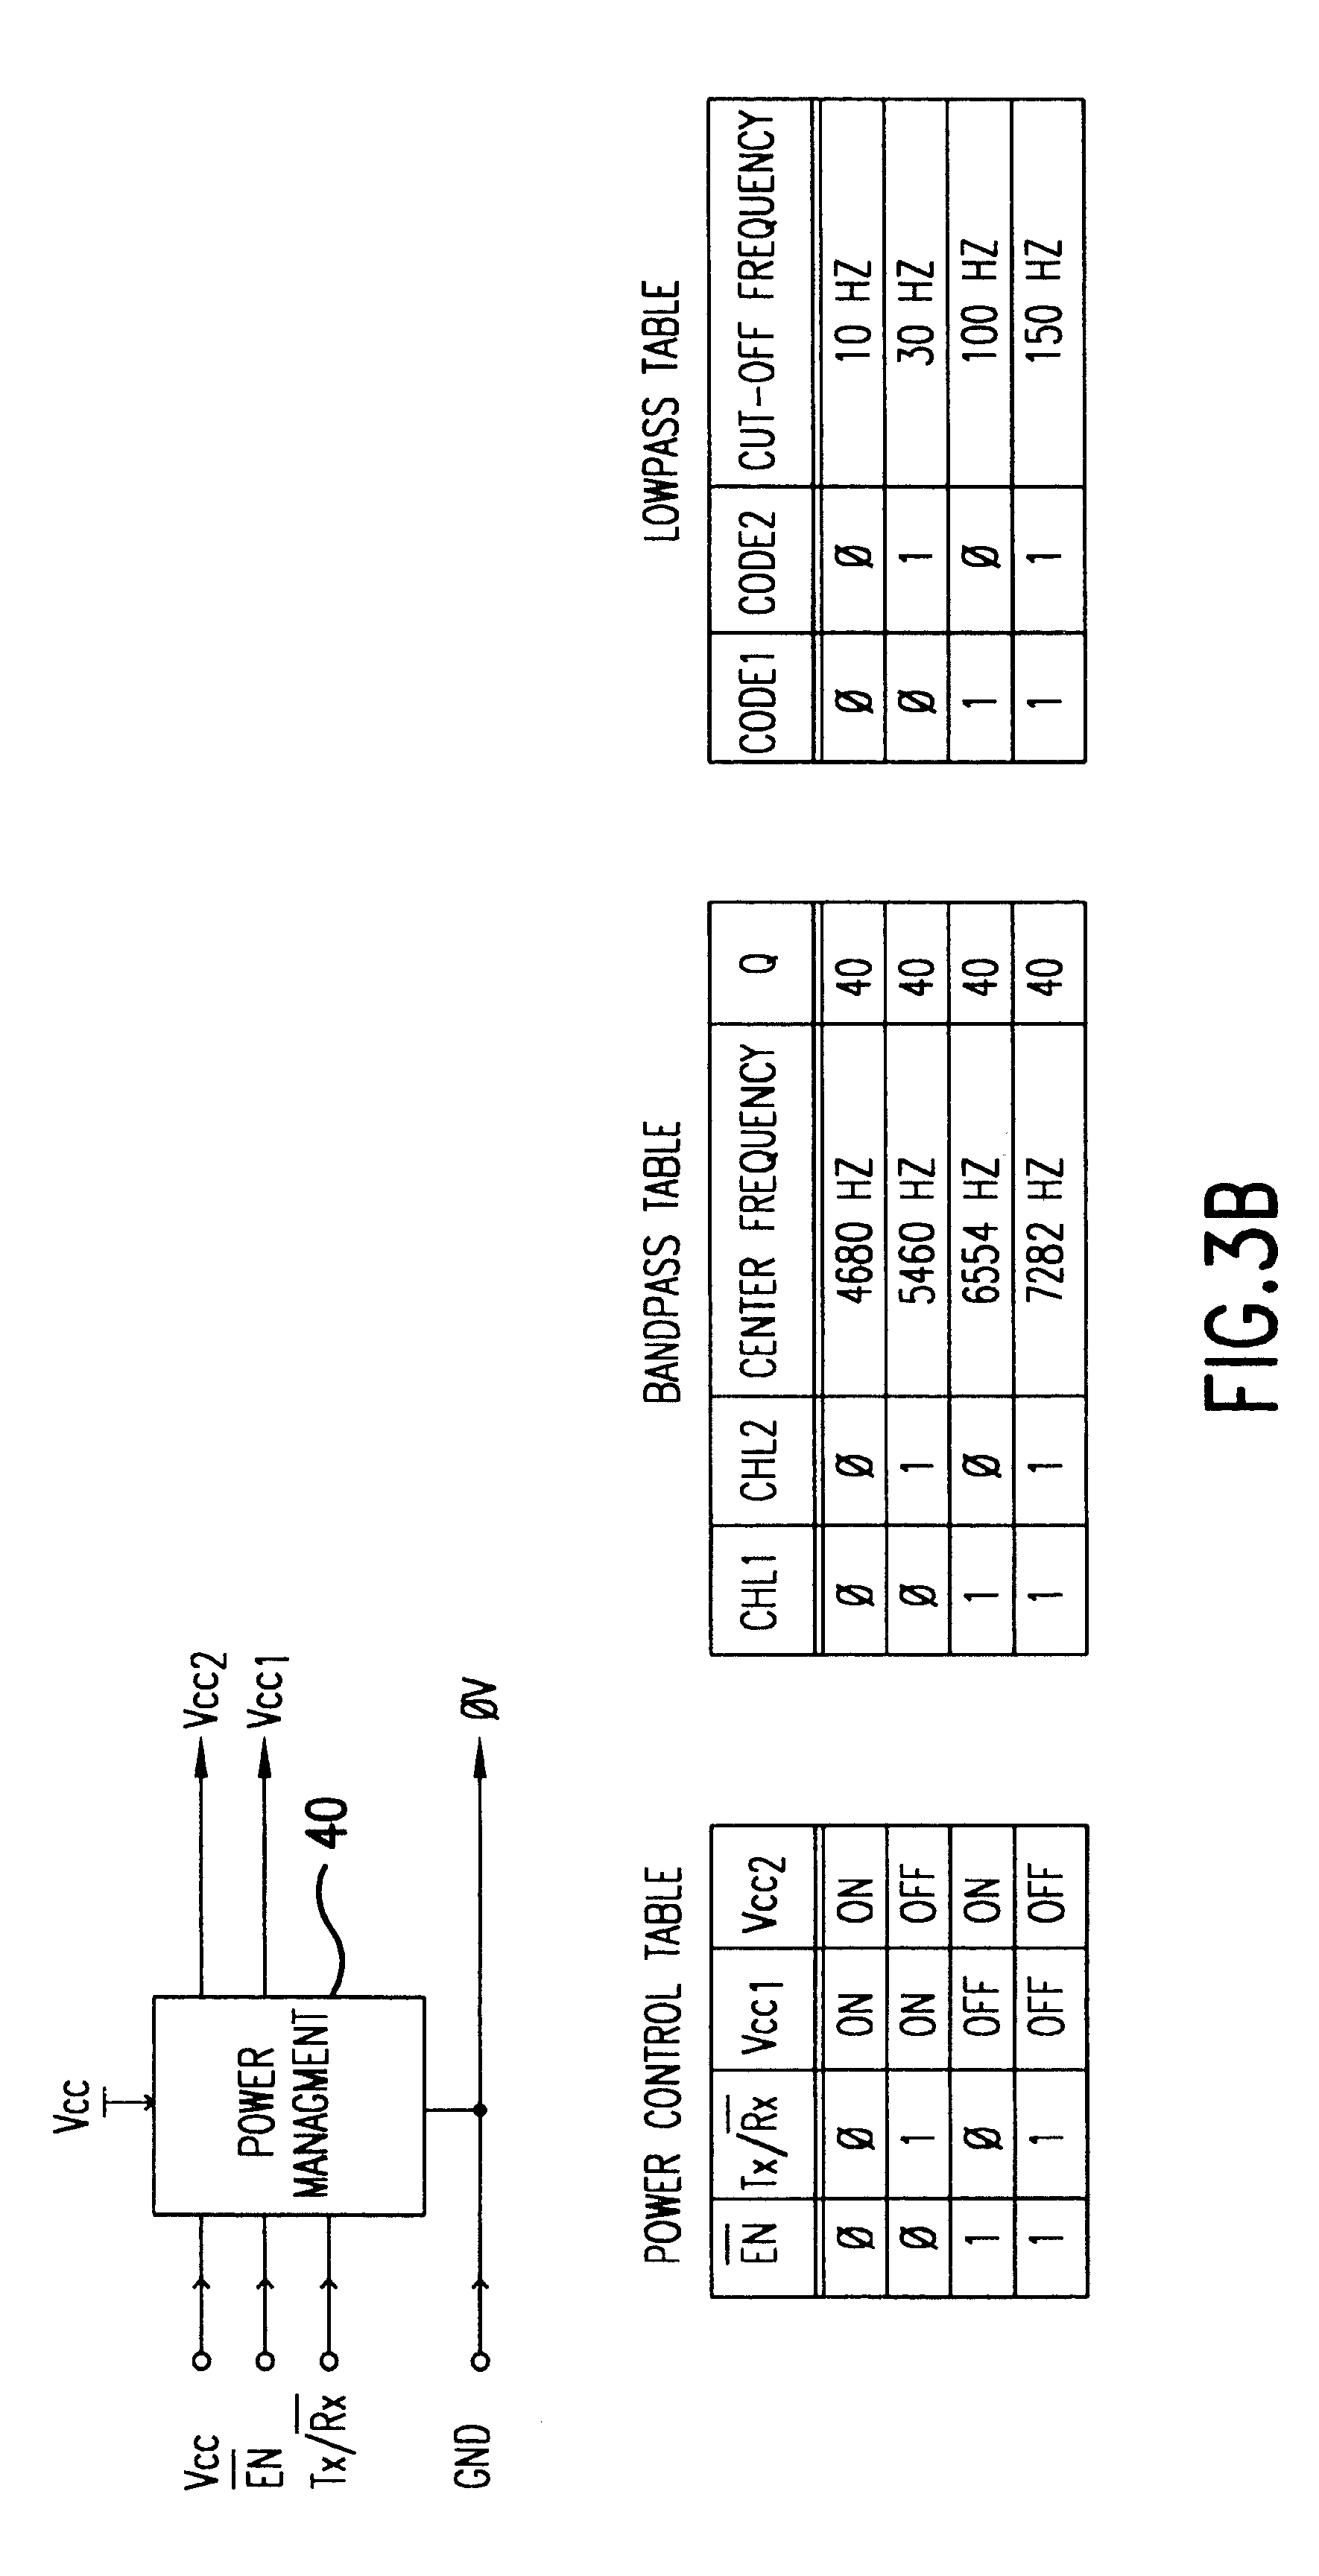 patent us6334060